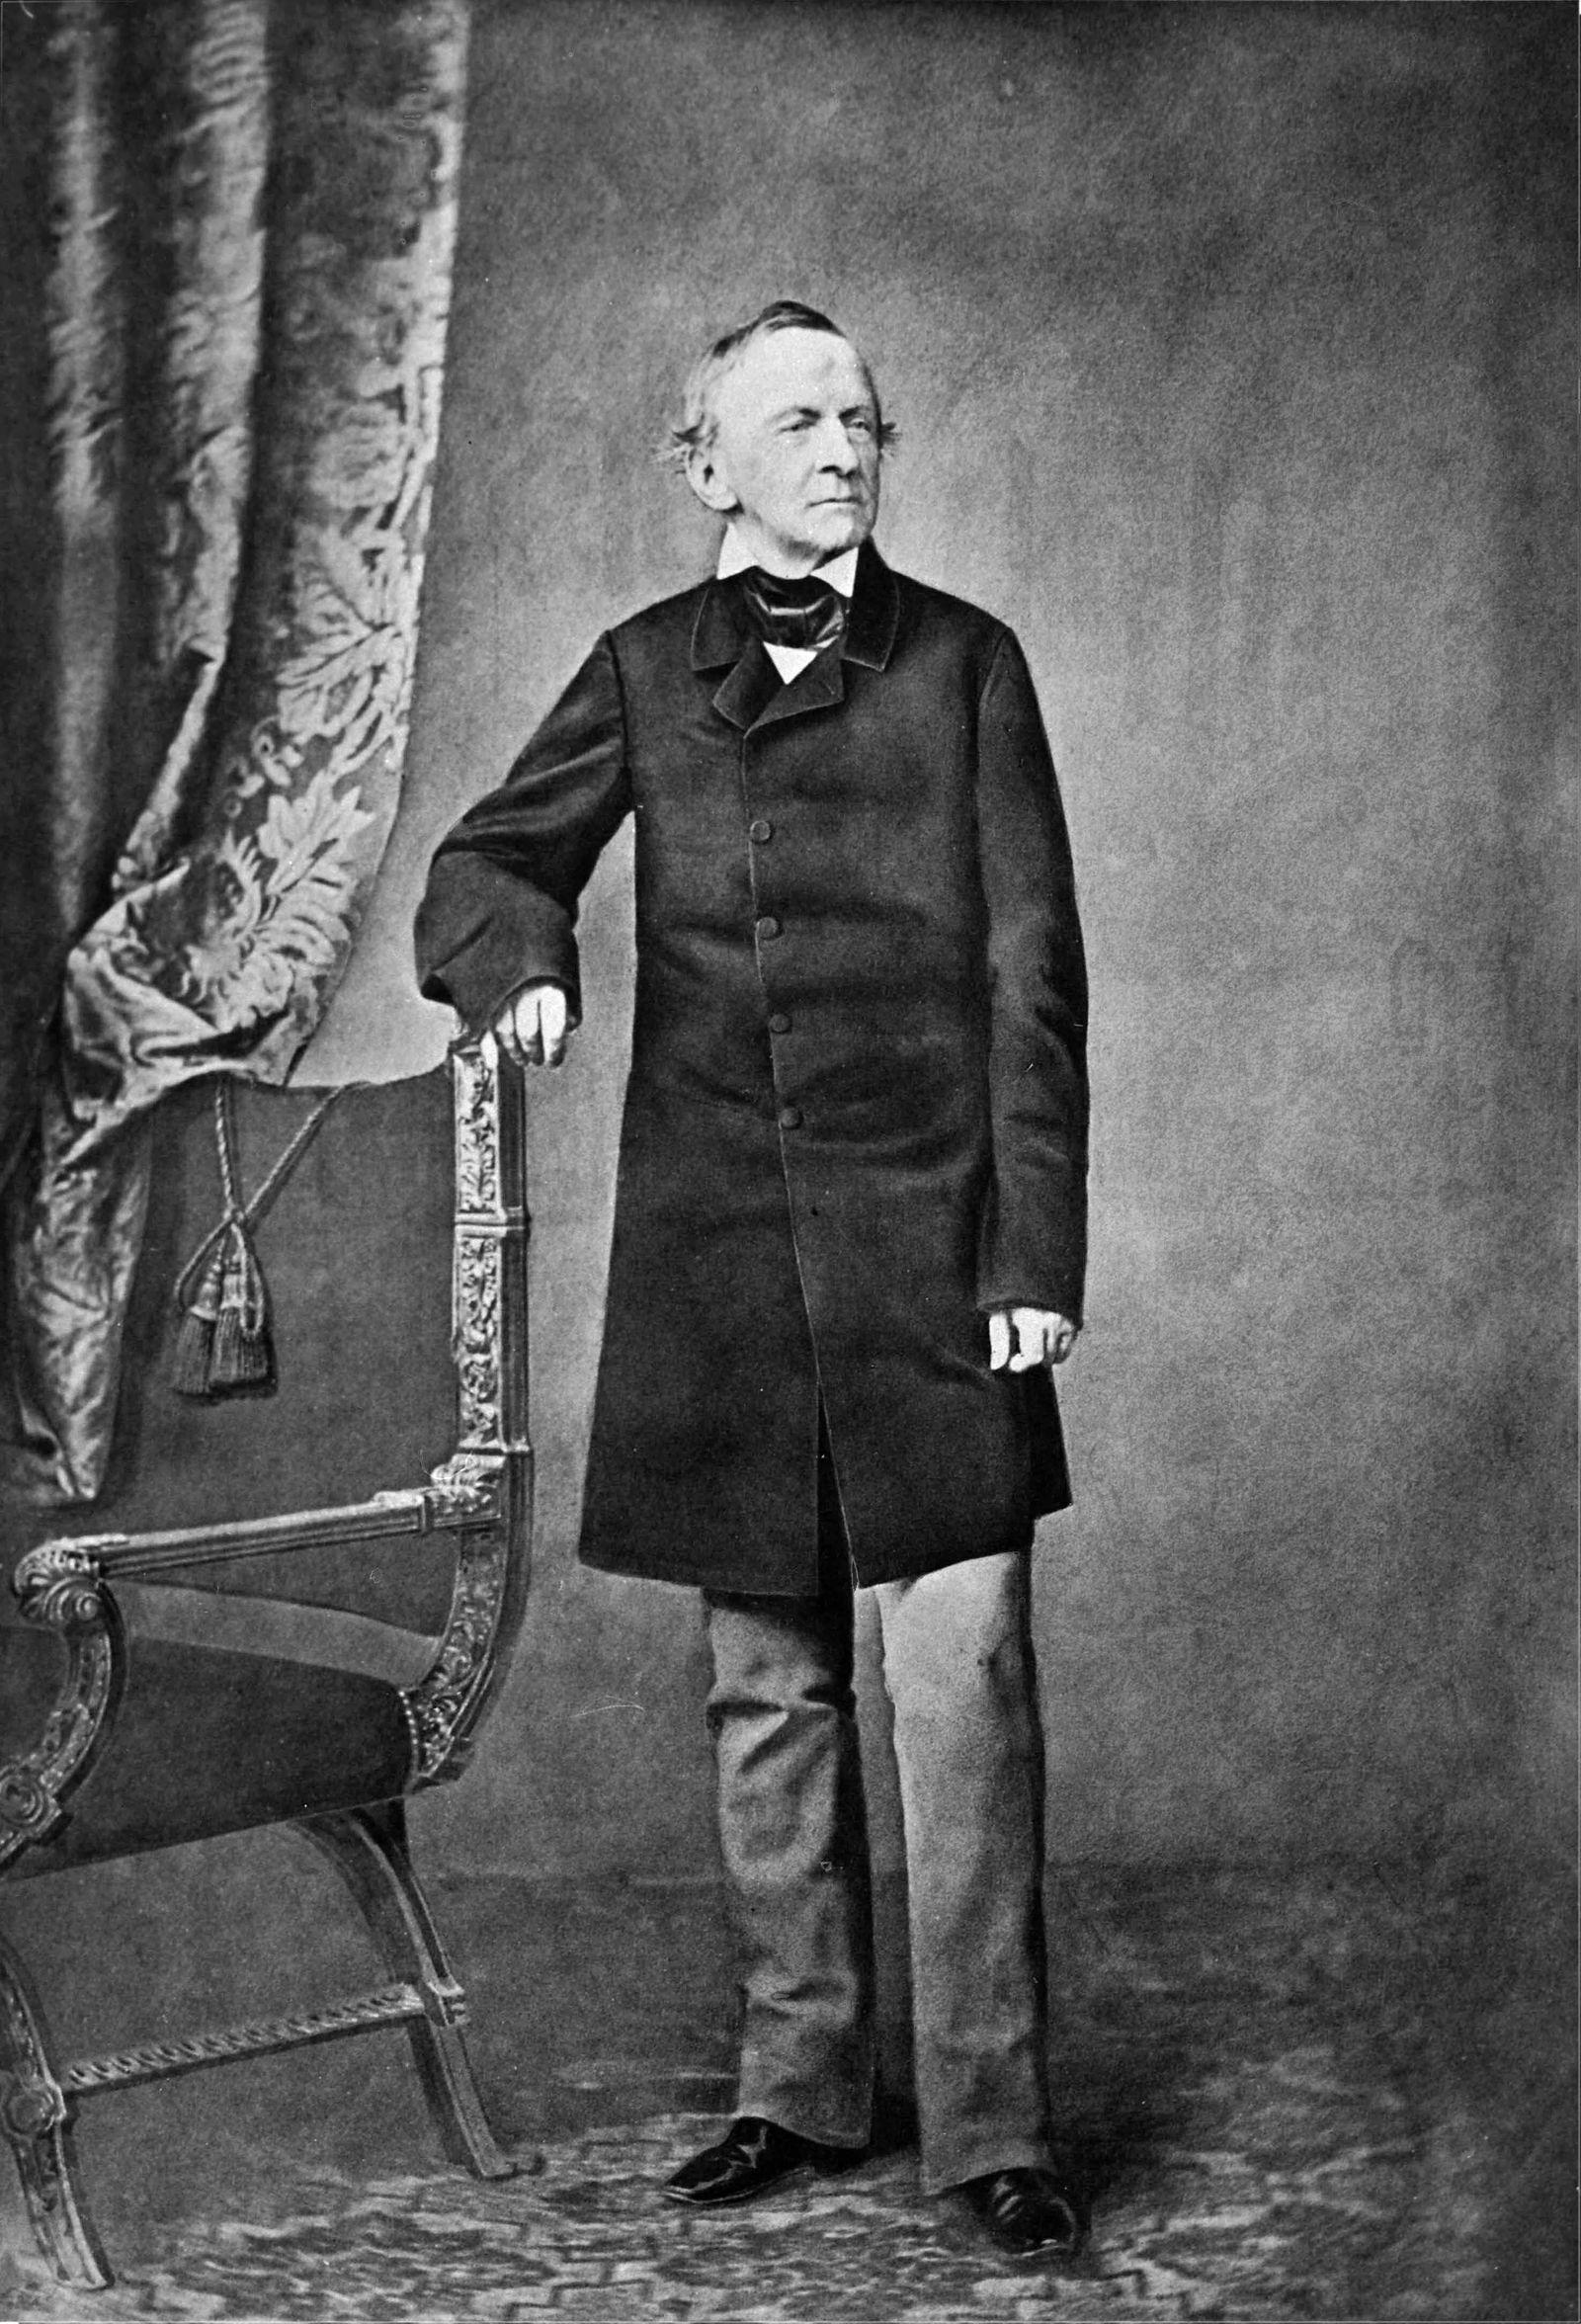 König Ludwig I. von Bayern, nach Rücktritt als König wegen Lola-Montez-Affäre , Fotorafie von Josef Albert 1868. in Mün